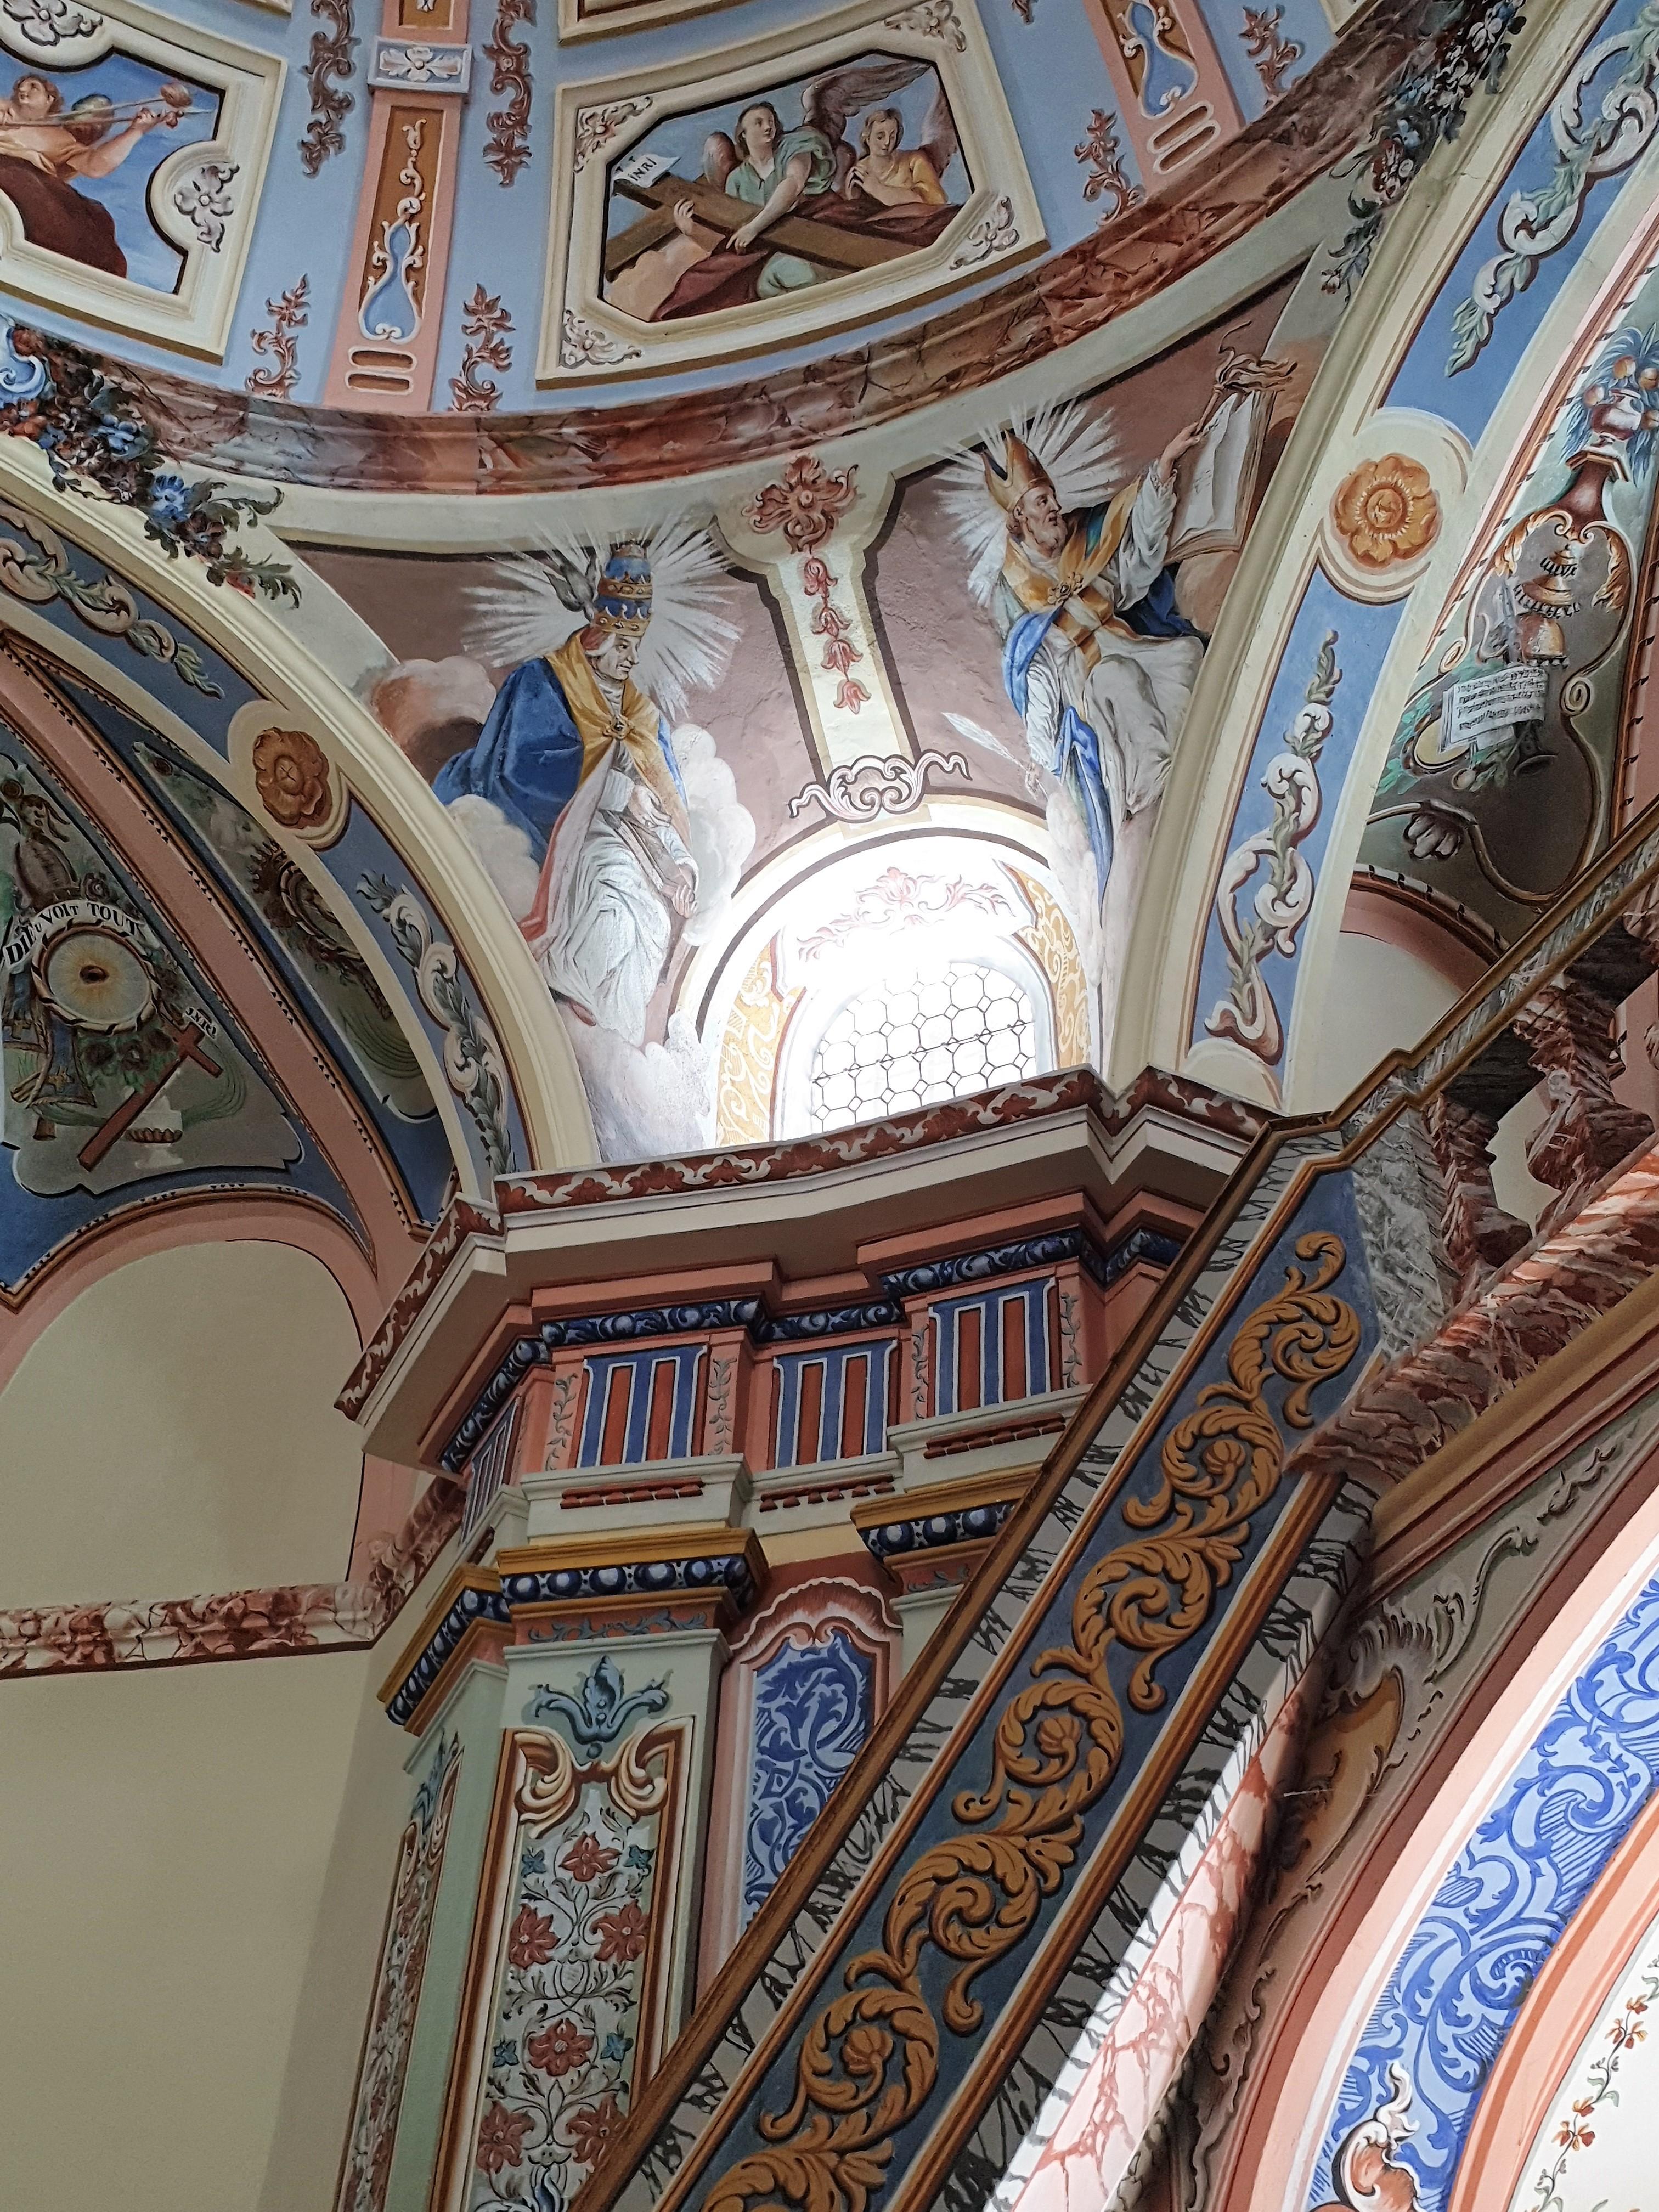 Baroque interiors of Chapel Notre Dame des Venettes